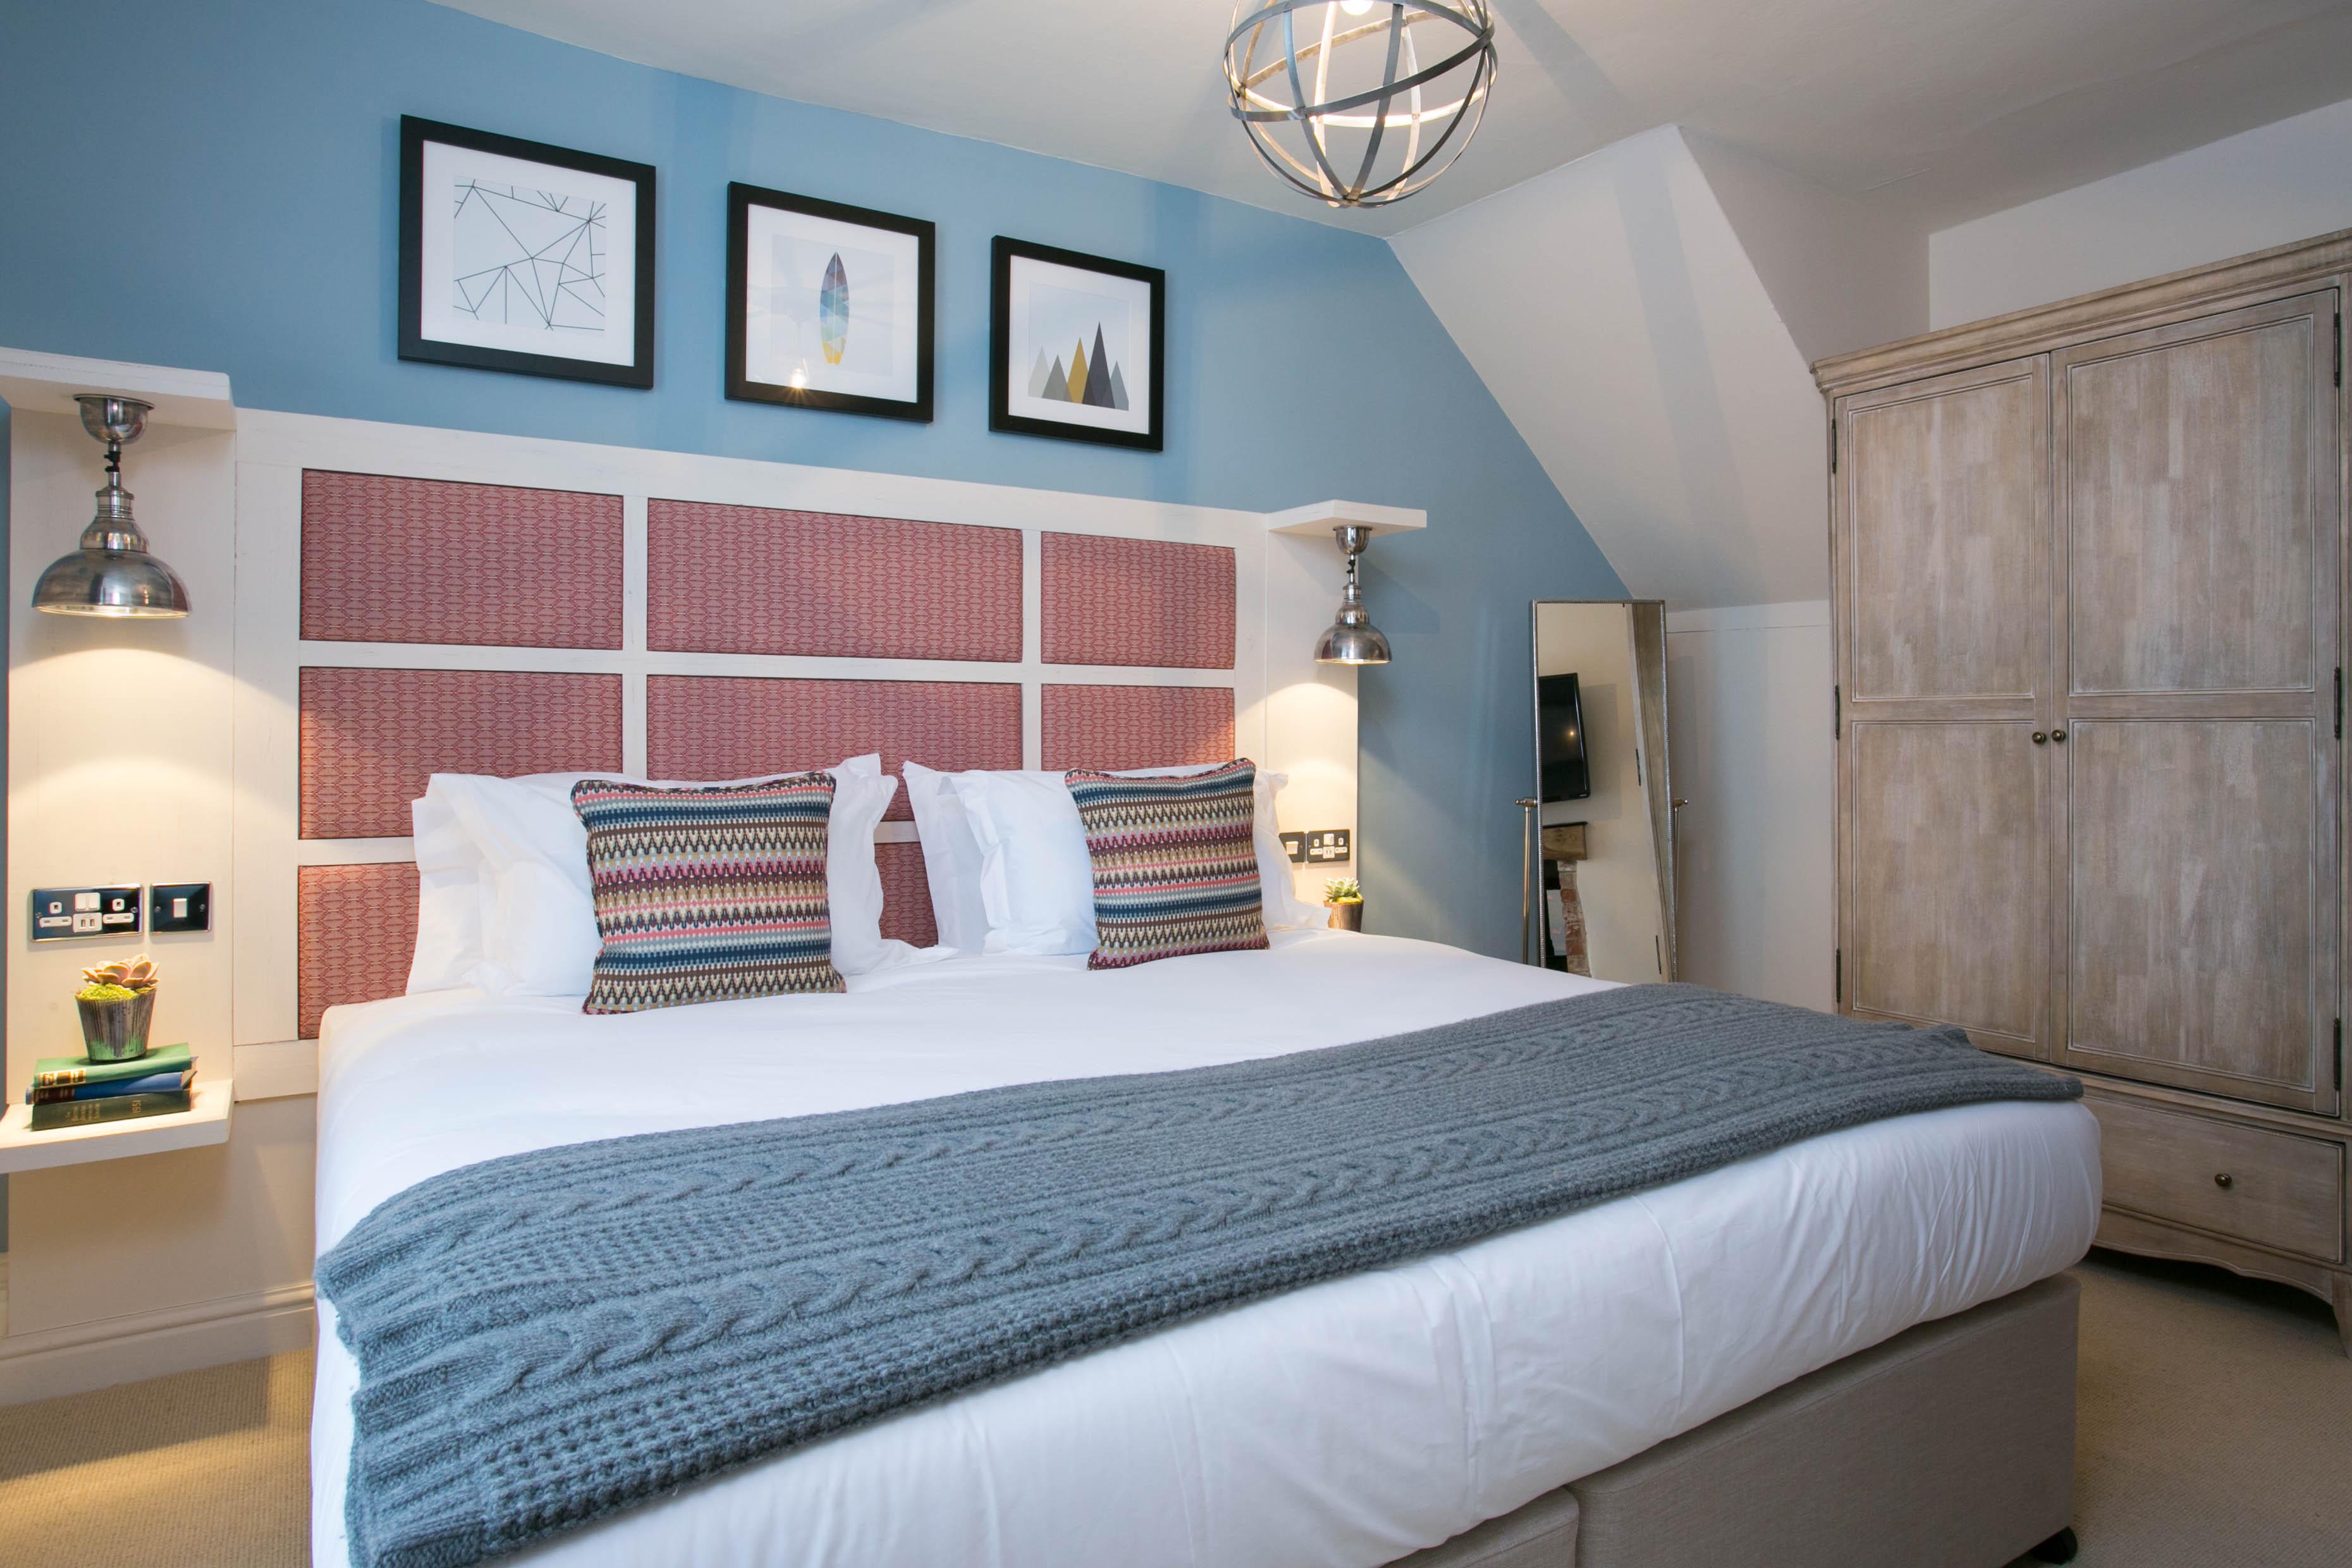 The Farmhouse at Mackworth bedroom